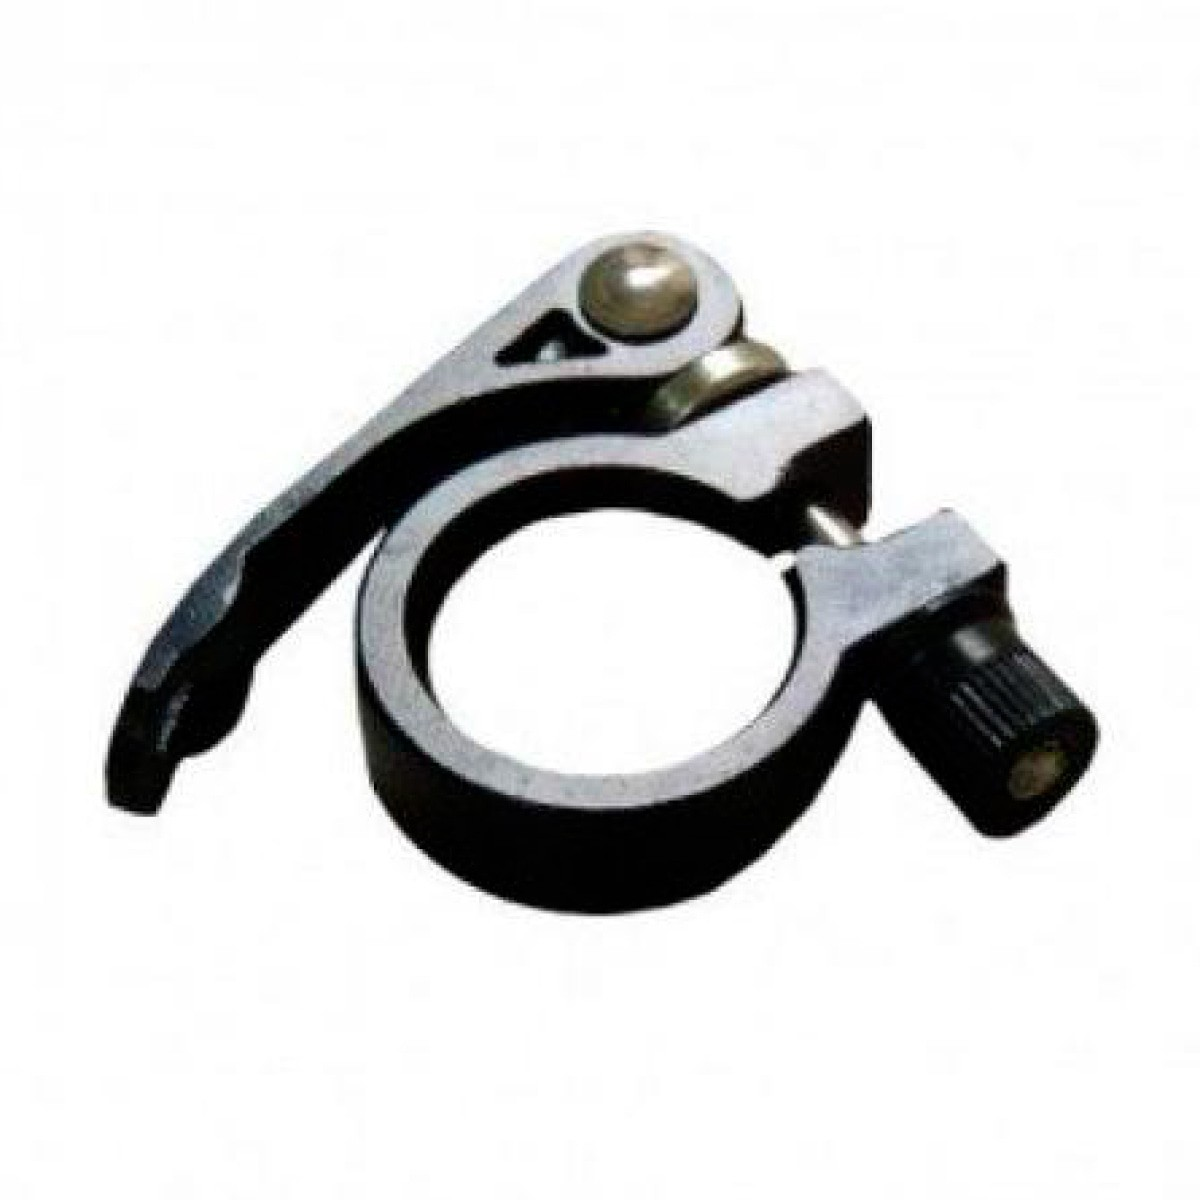 Abraçadeira de Selim WG Alumínio 31.8mm Chaveta